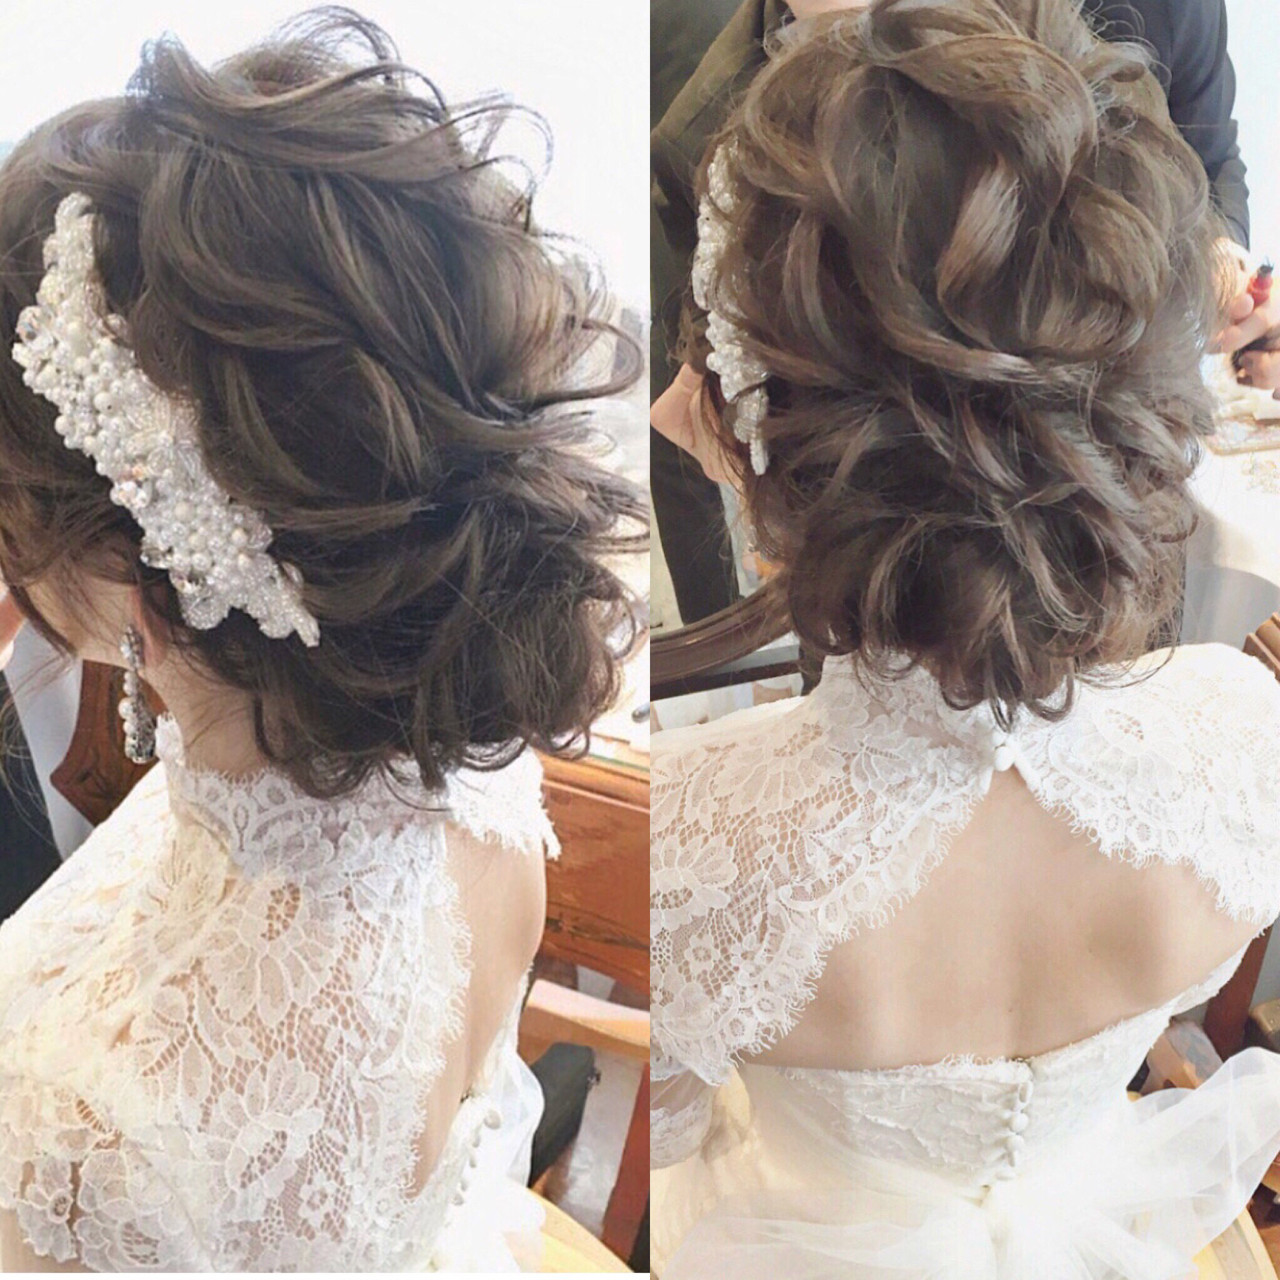 エレガント ヘアアレンジ パーティ 大人女子 ヘアスタイルや髪型の写真・画像